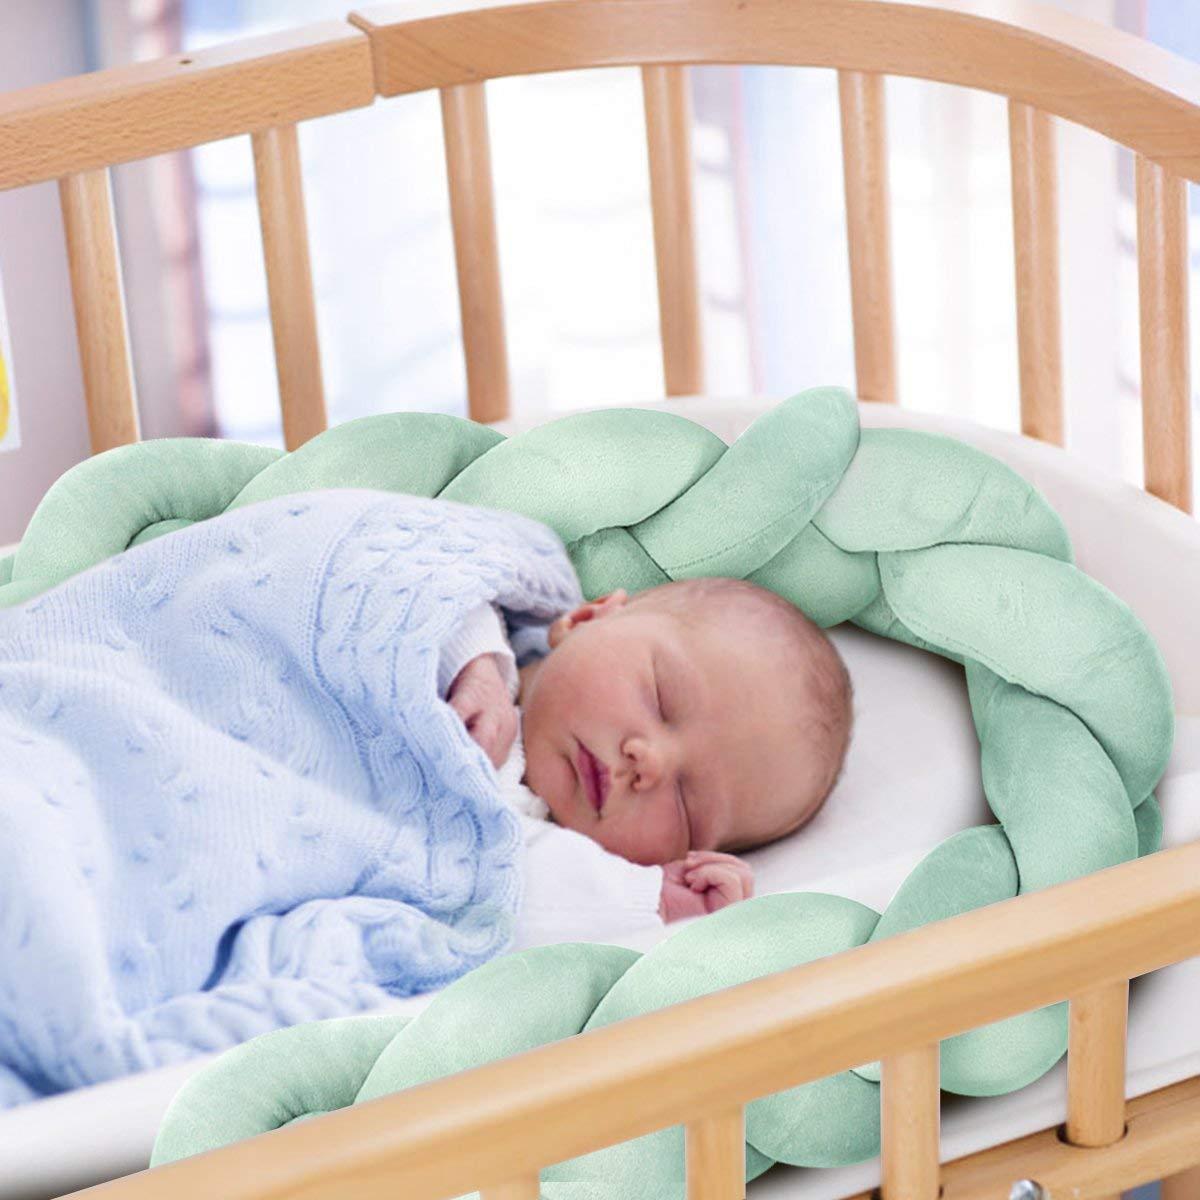 para cuna cuna para cuna decoraci/ón para cuna equipamiento de cama Protector de cuna protector de bordes cuna protector de cabeza parachoques cama infantil amarillo rosa Talla:2M